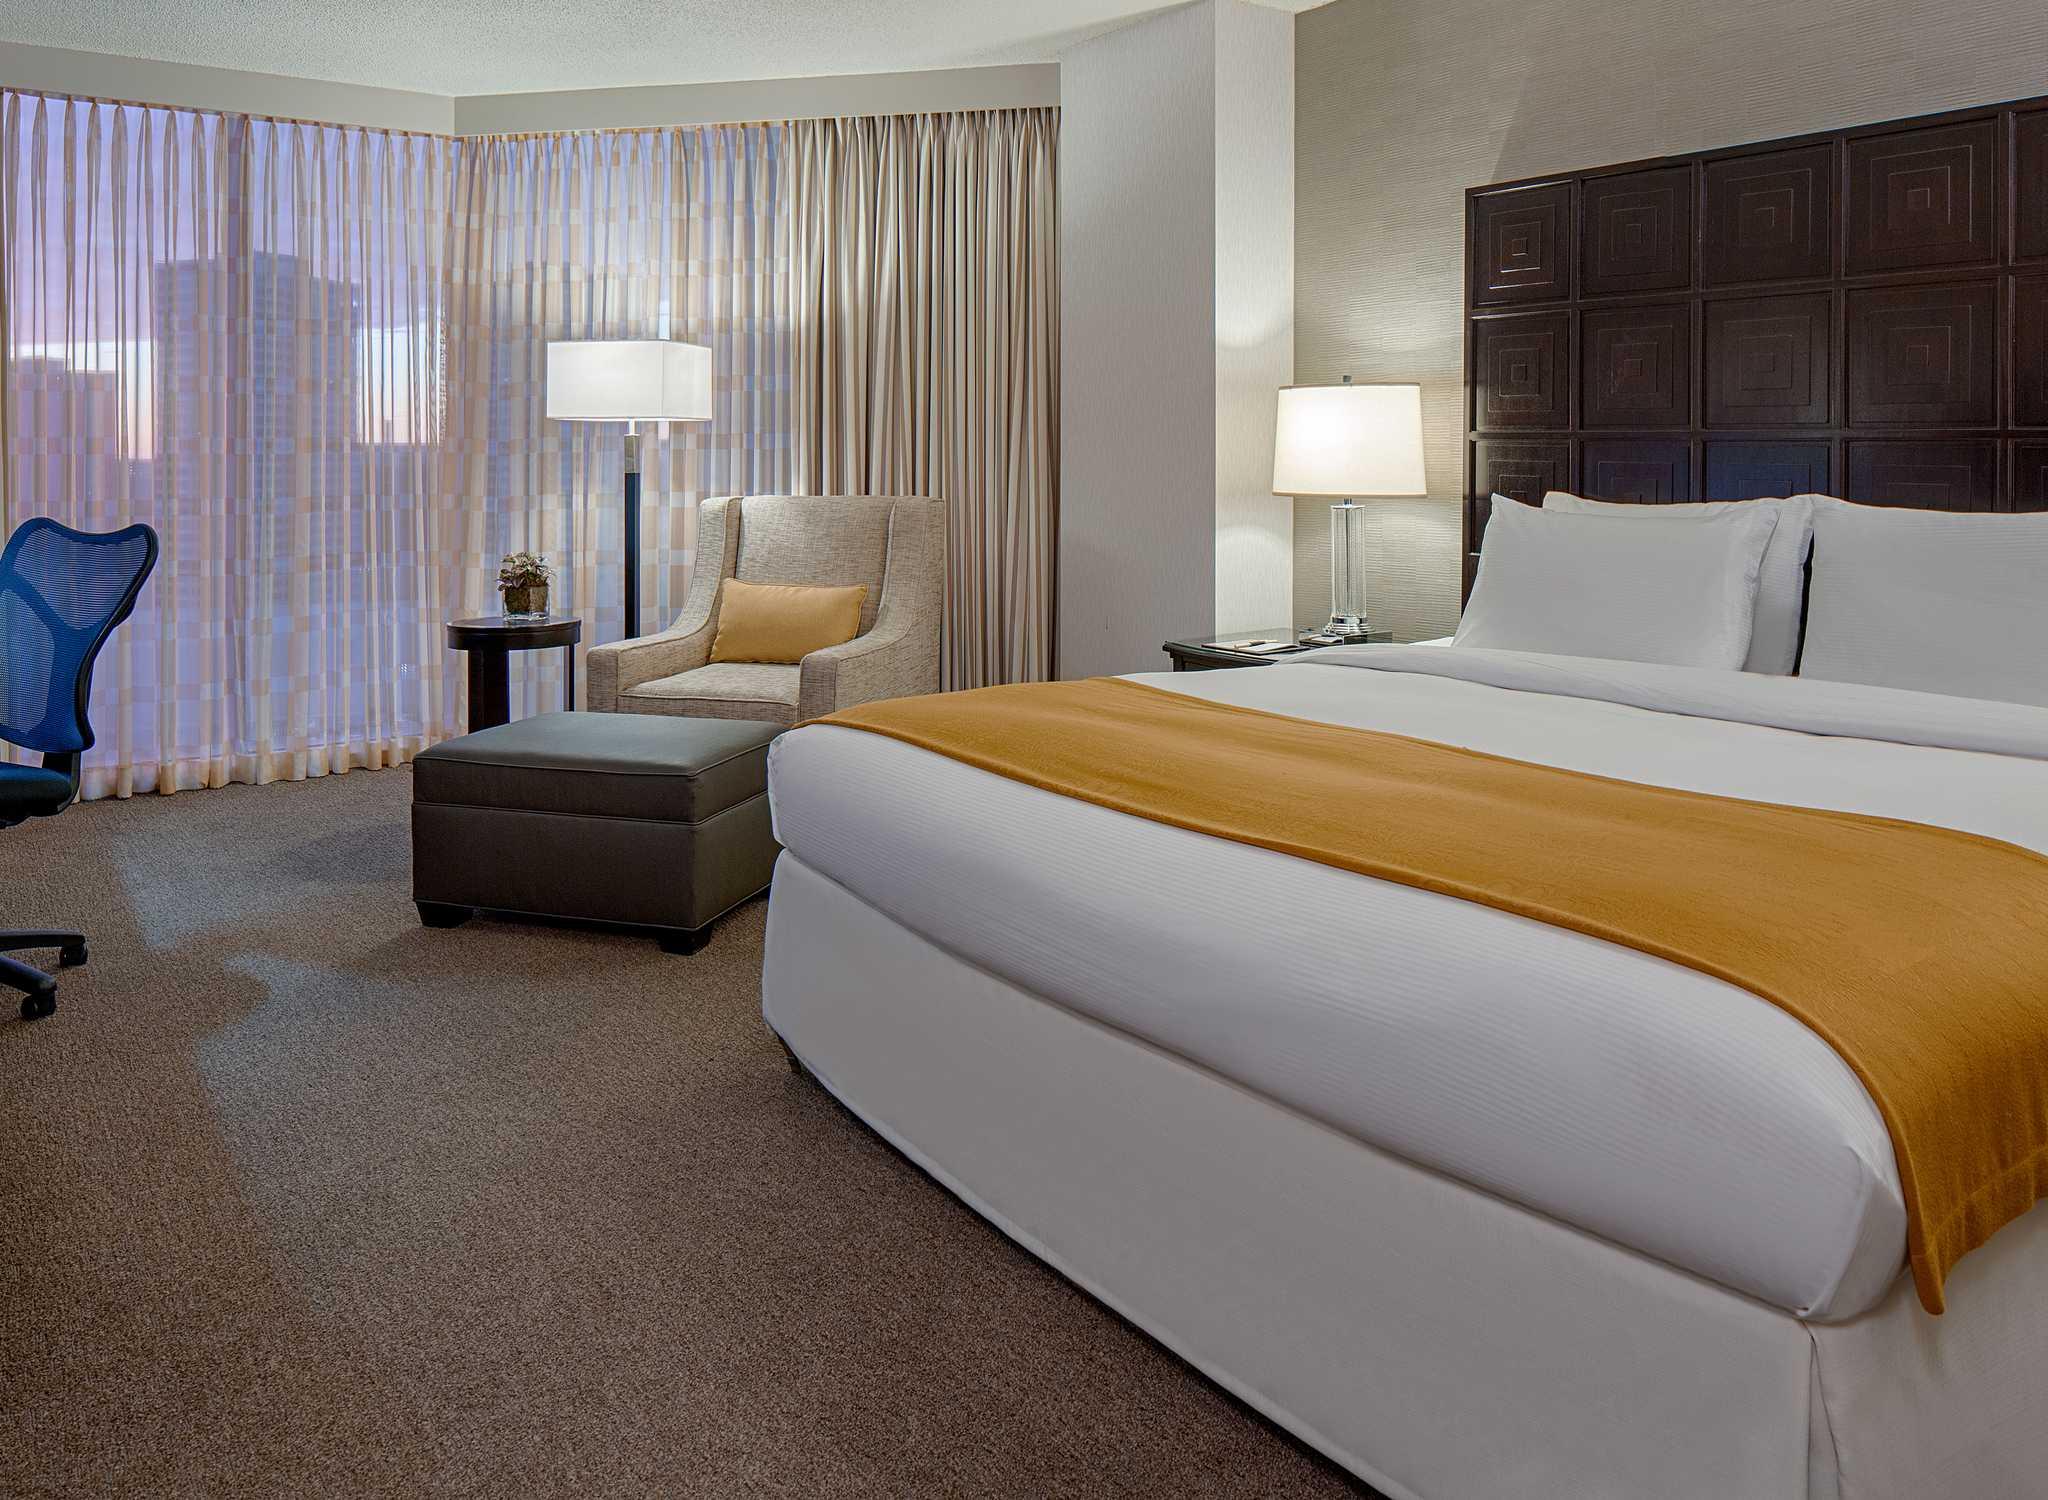 Hotel Doubletree By Hilton Houston Greenway Plaza Habitación Con Cama King